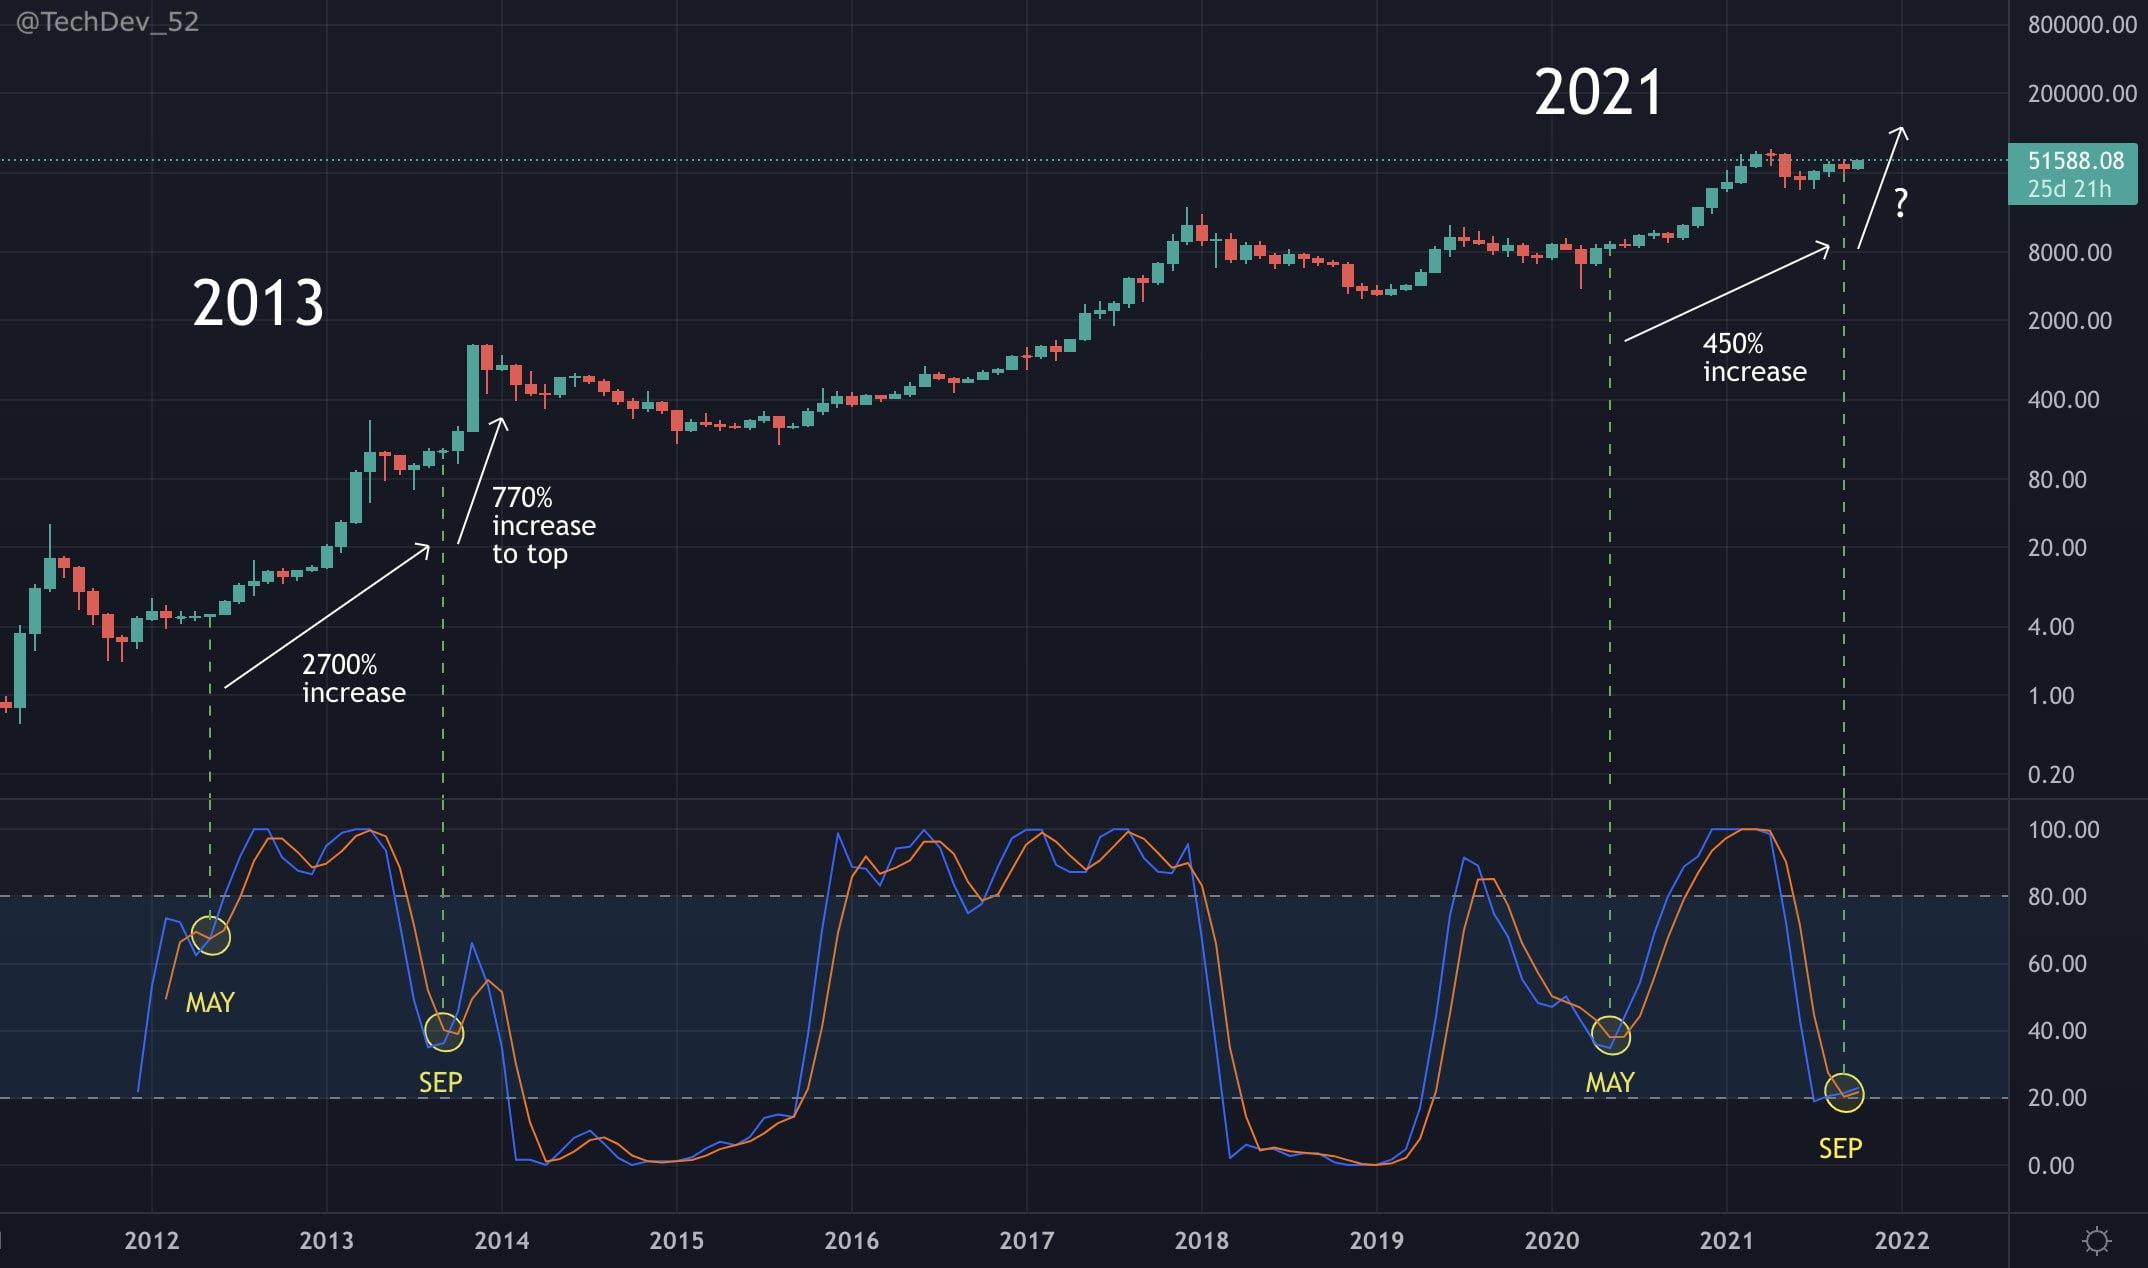 Bitcoin: Ce indicator semnalează o creștere uriașă pentru prețul BTC, până în Decembrie?